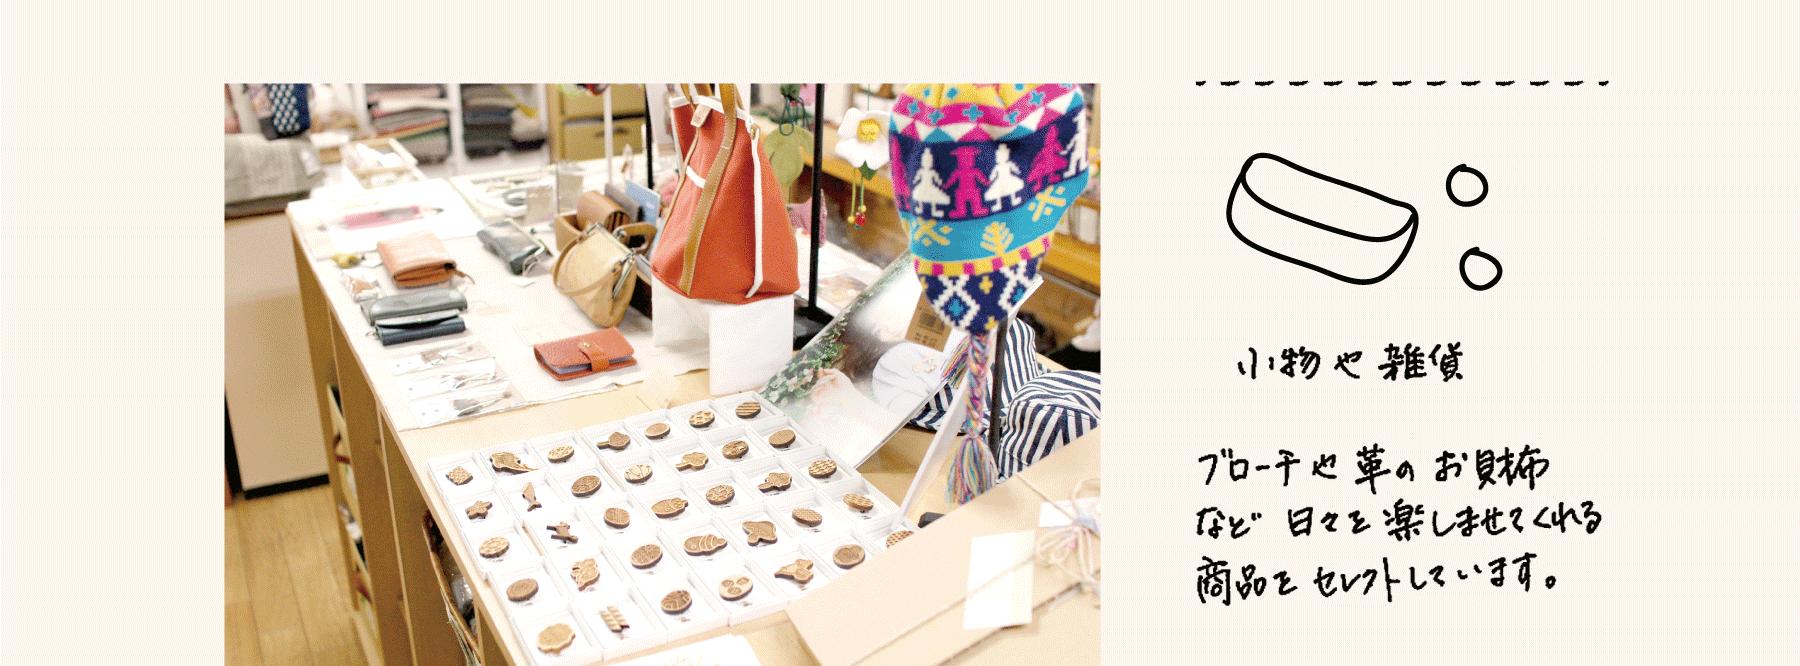 小物や雑貨 ブローチや財布など 日々を楽しませてくれる 商品をセレクトしています。